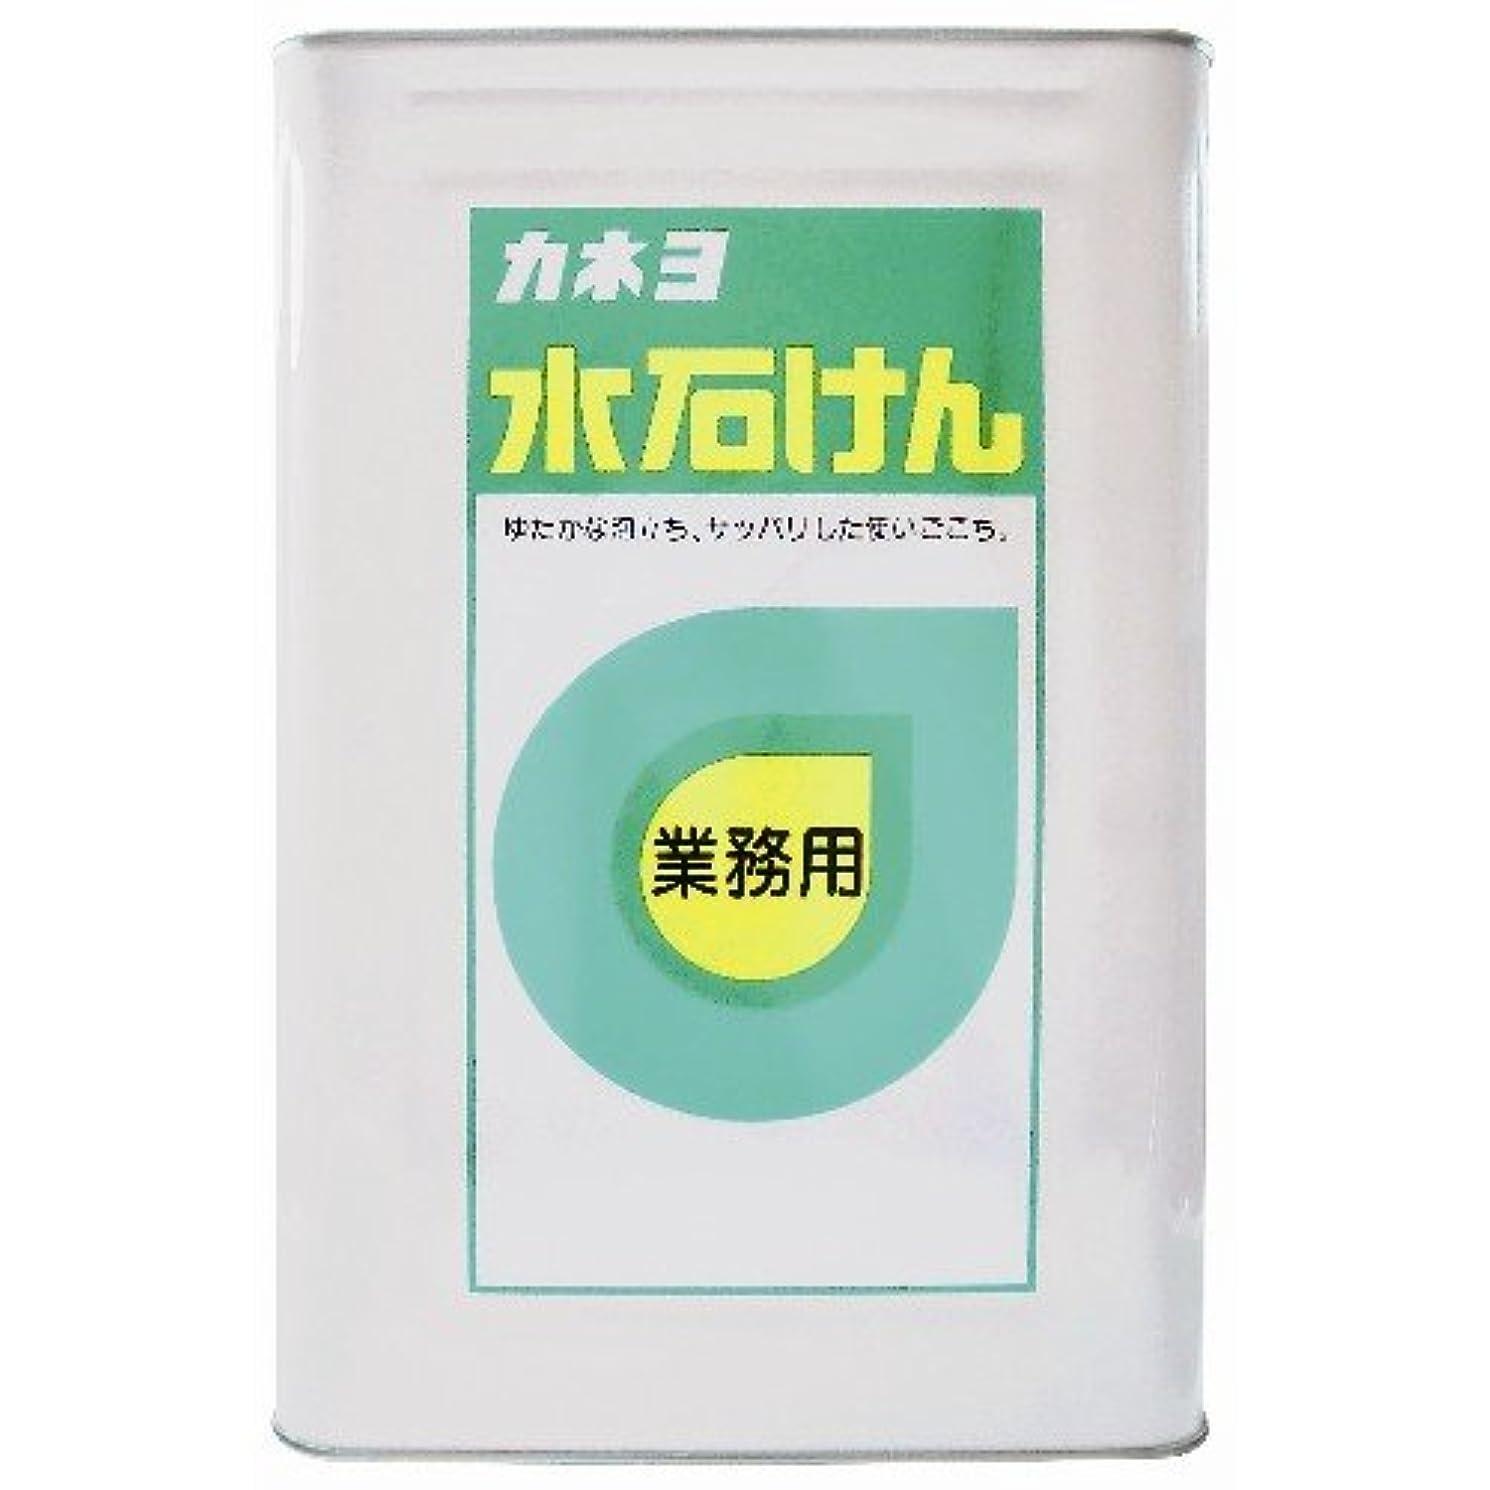 知り合いになるマニュアル何よりも【大容量】 カネヨ石鹸 ハンドソープ 水石けん 液体 業務用 18L 一斗缶